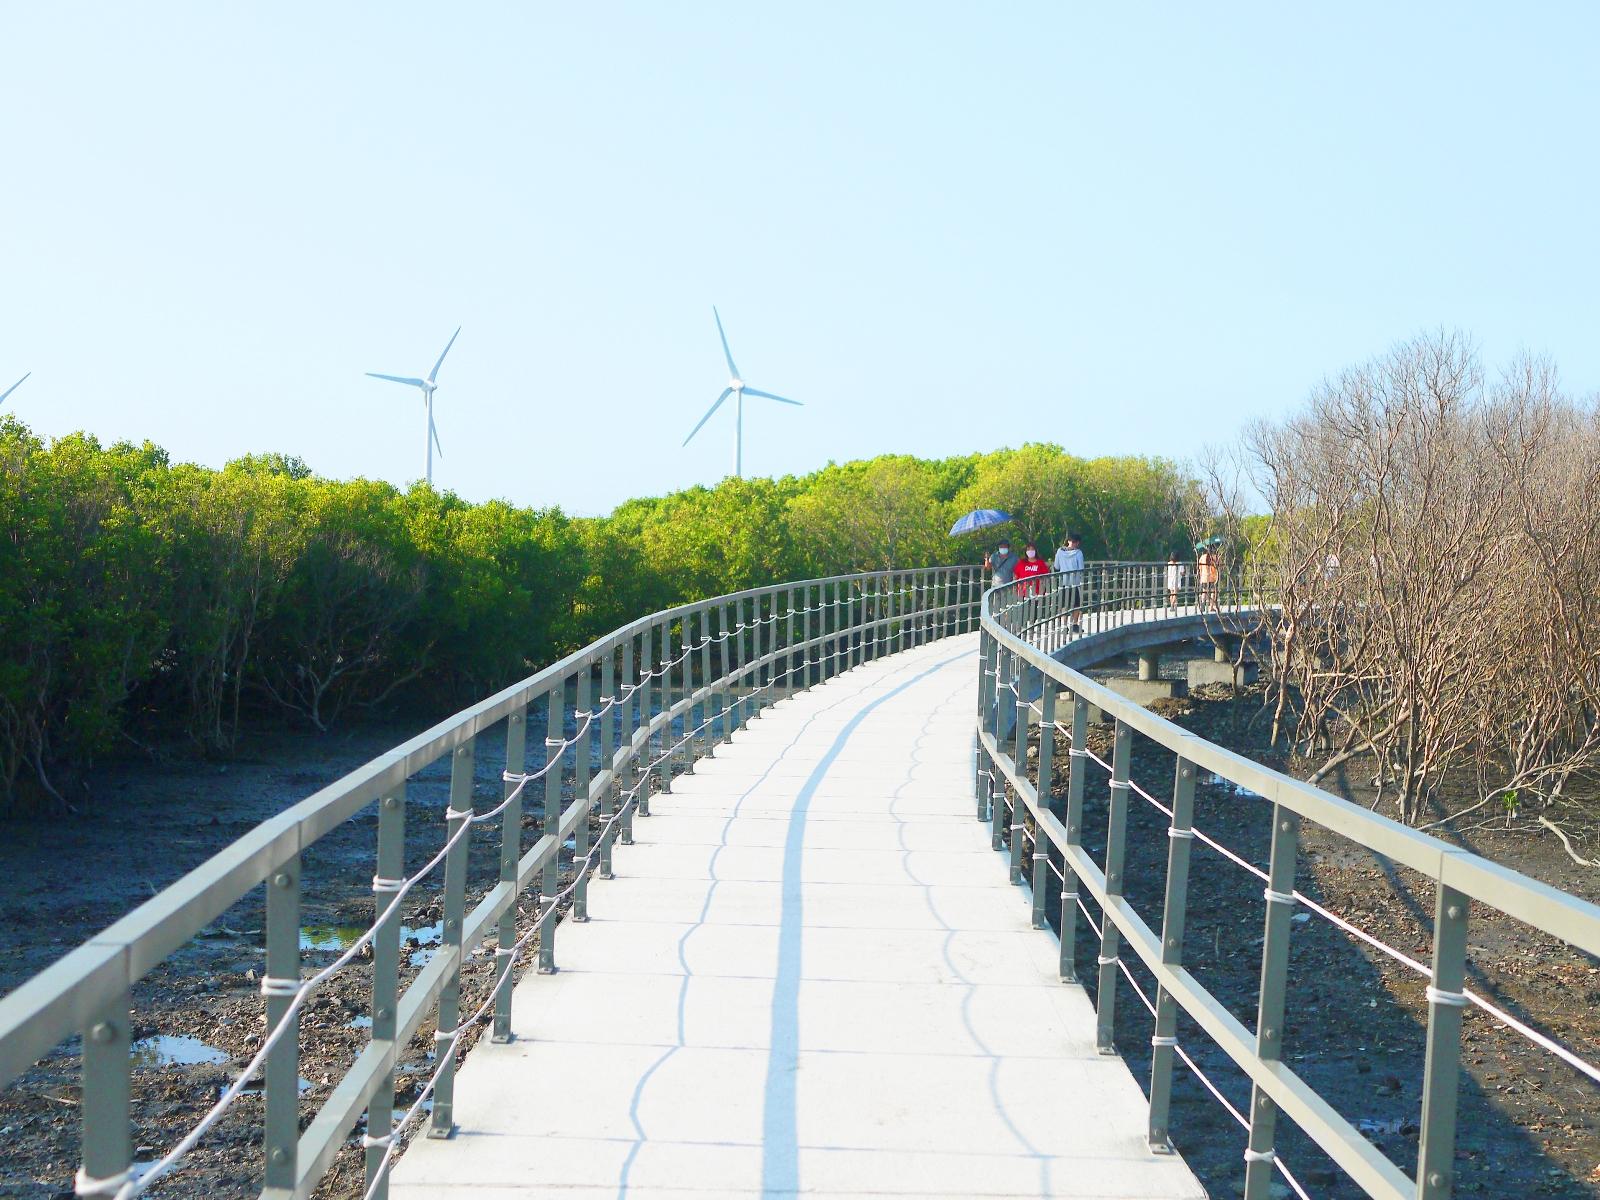 絕美白色步道   台灣旅人   紅樹林   風車   海笳冬   水筆仔   ファンユエン   ほうえん   ジャンホワ   しょうか   Wafu Taiwan   巡日旅行攝   RoundtripJp